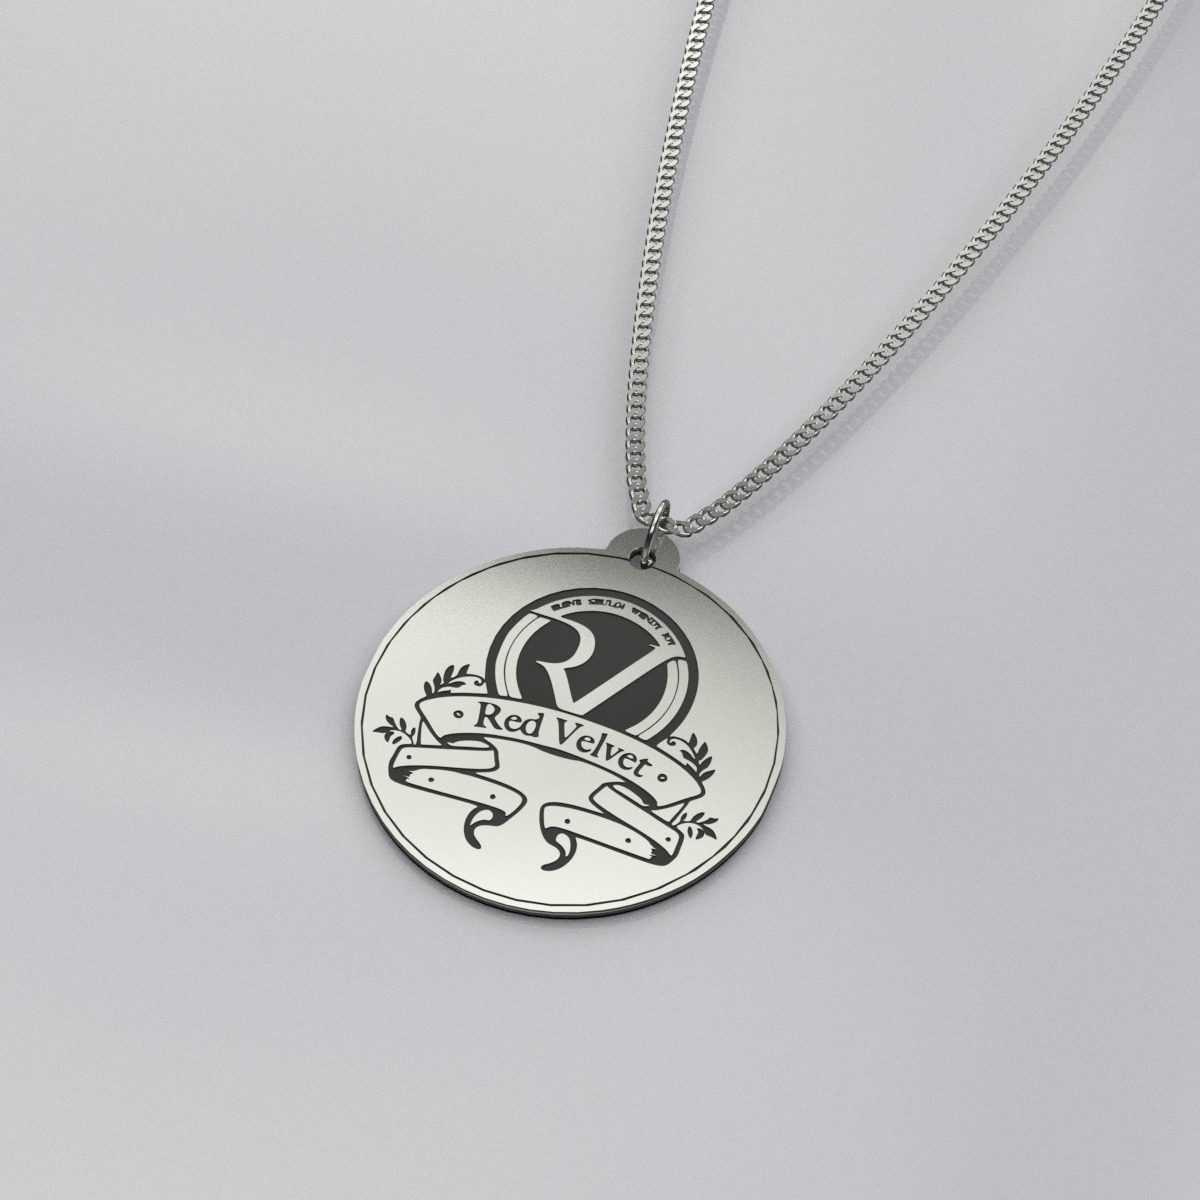 Red Velvet Logo Charm Necklace